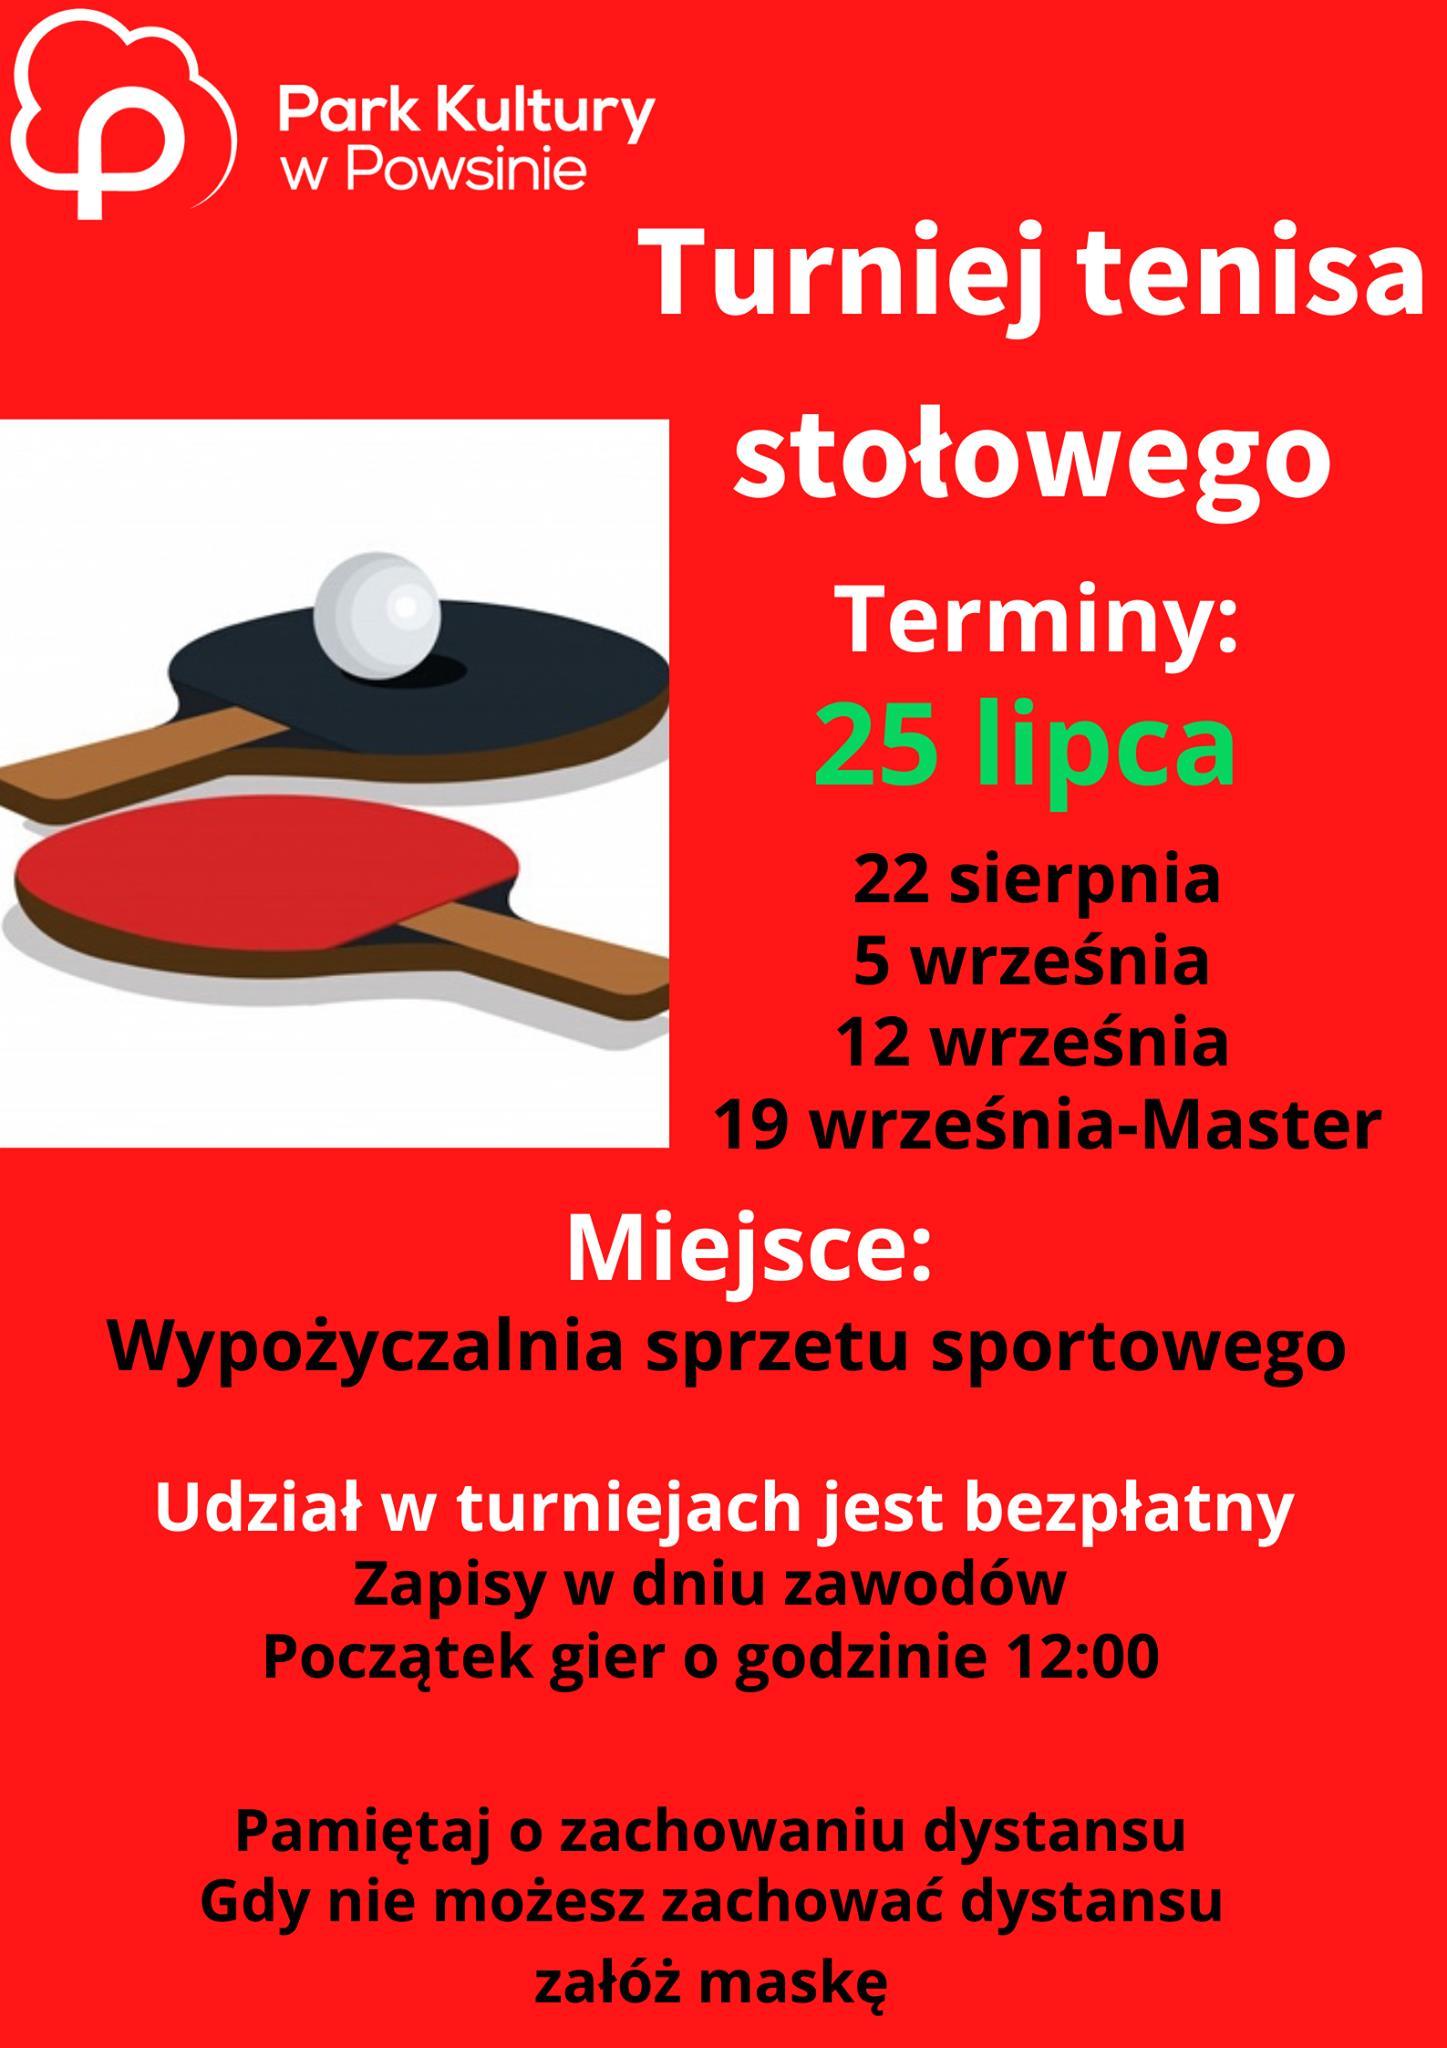 Plakat turnieju Cykl turniejów w tenisie stołowym w Parku Kultury w Powsinie 2020 - 4 termin